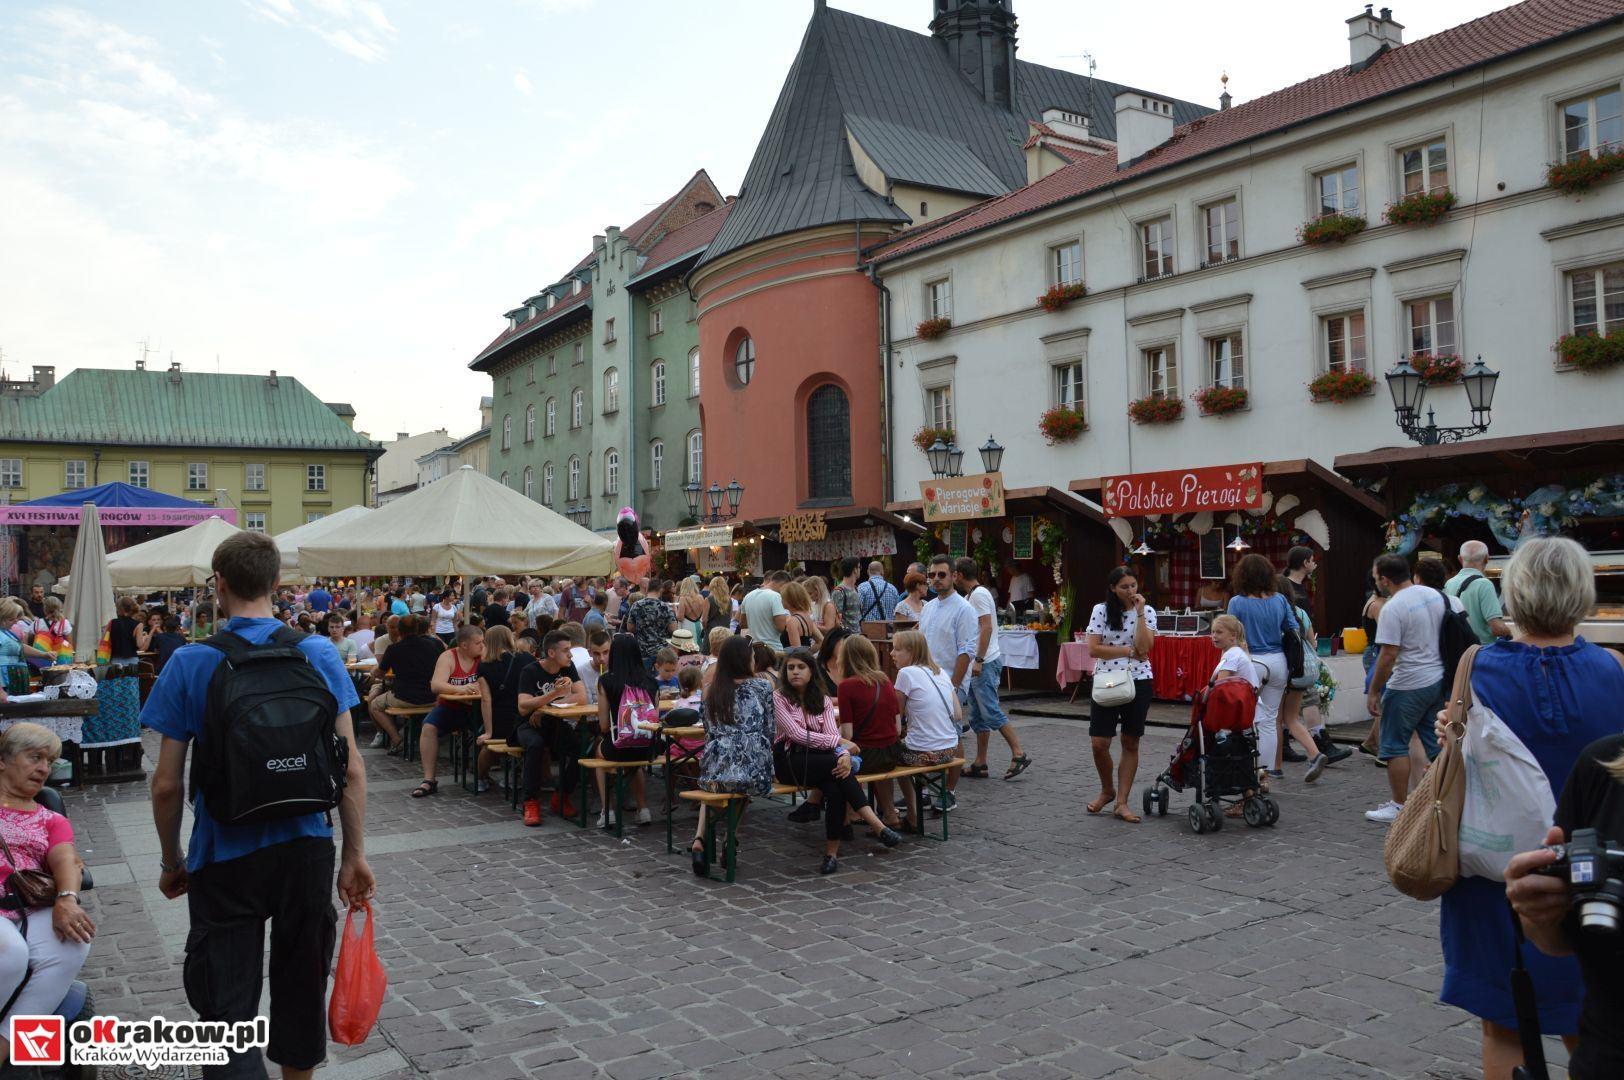 krakow festiwal pierogow maly rynek koncert cheap tobacco 42 150x150 - Galeria zdjęć Festiwal Pierogów Kraków 2018 + zdjęcia z koncertu Cheap Tobacco